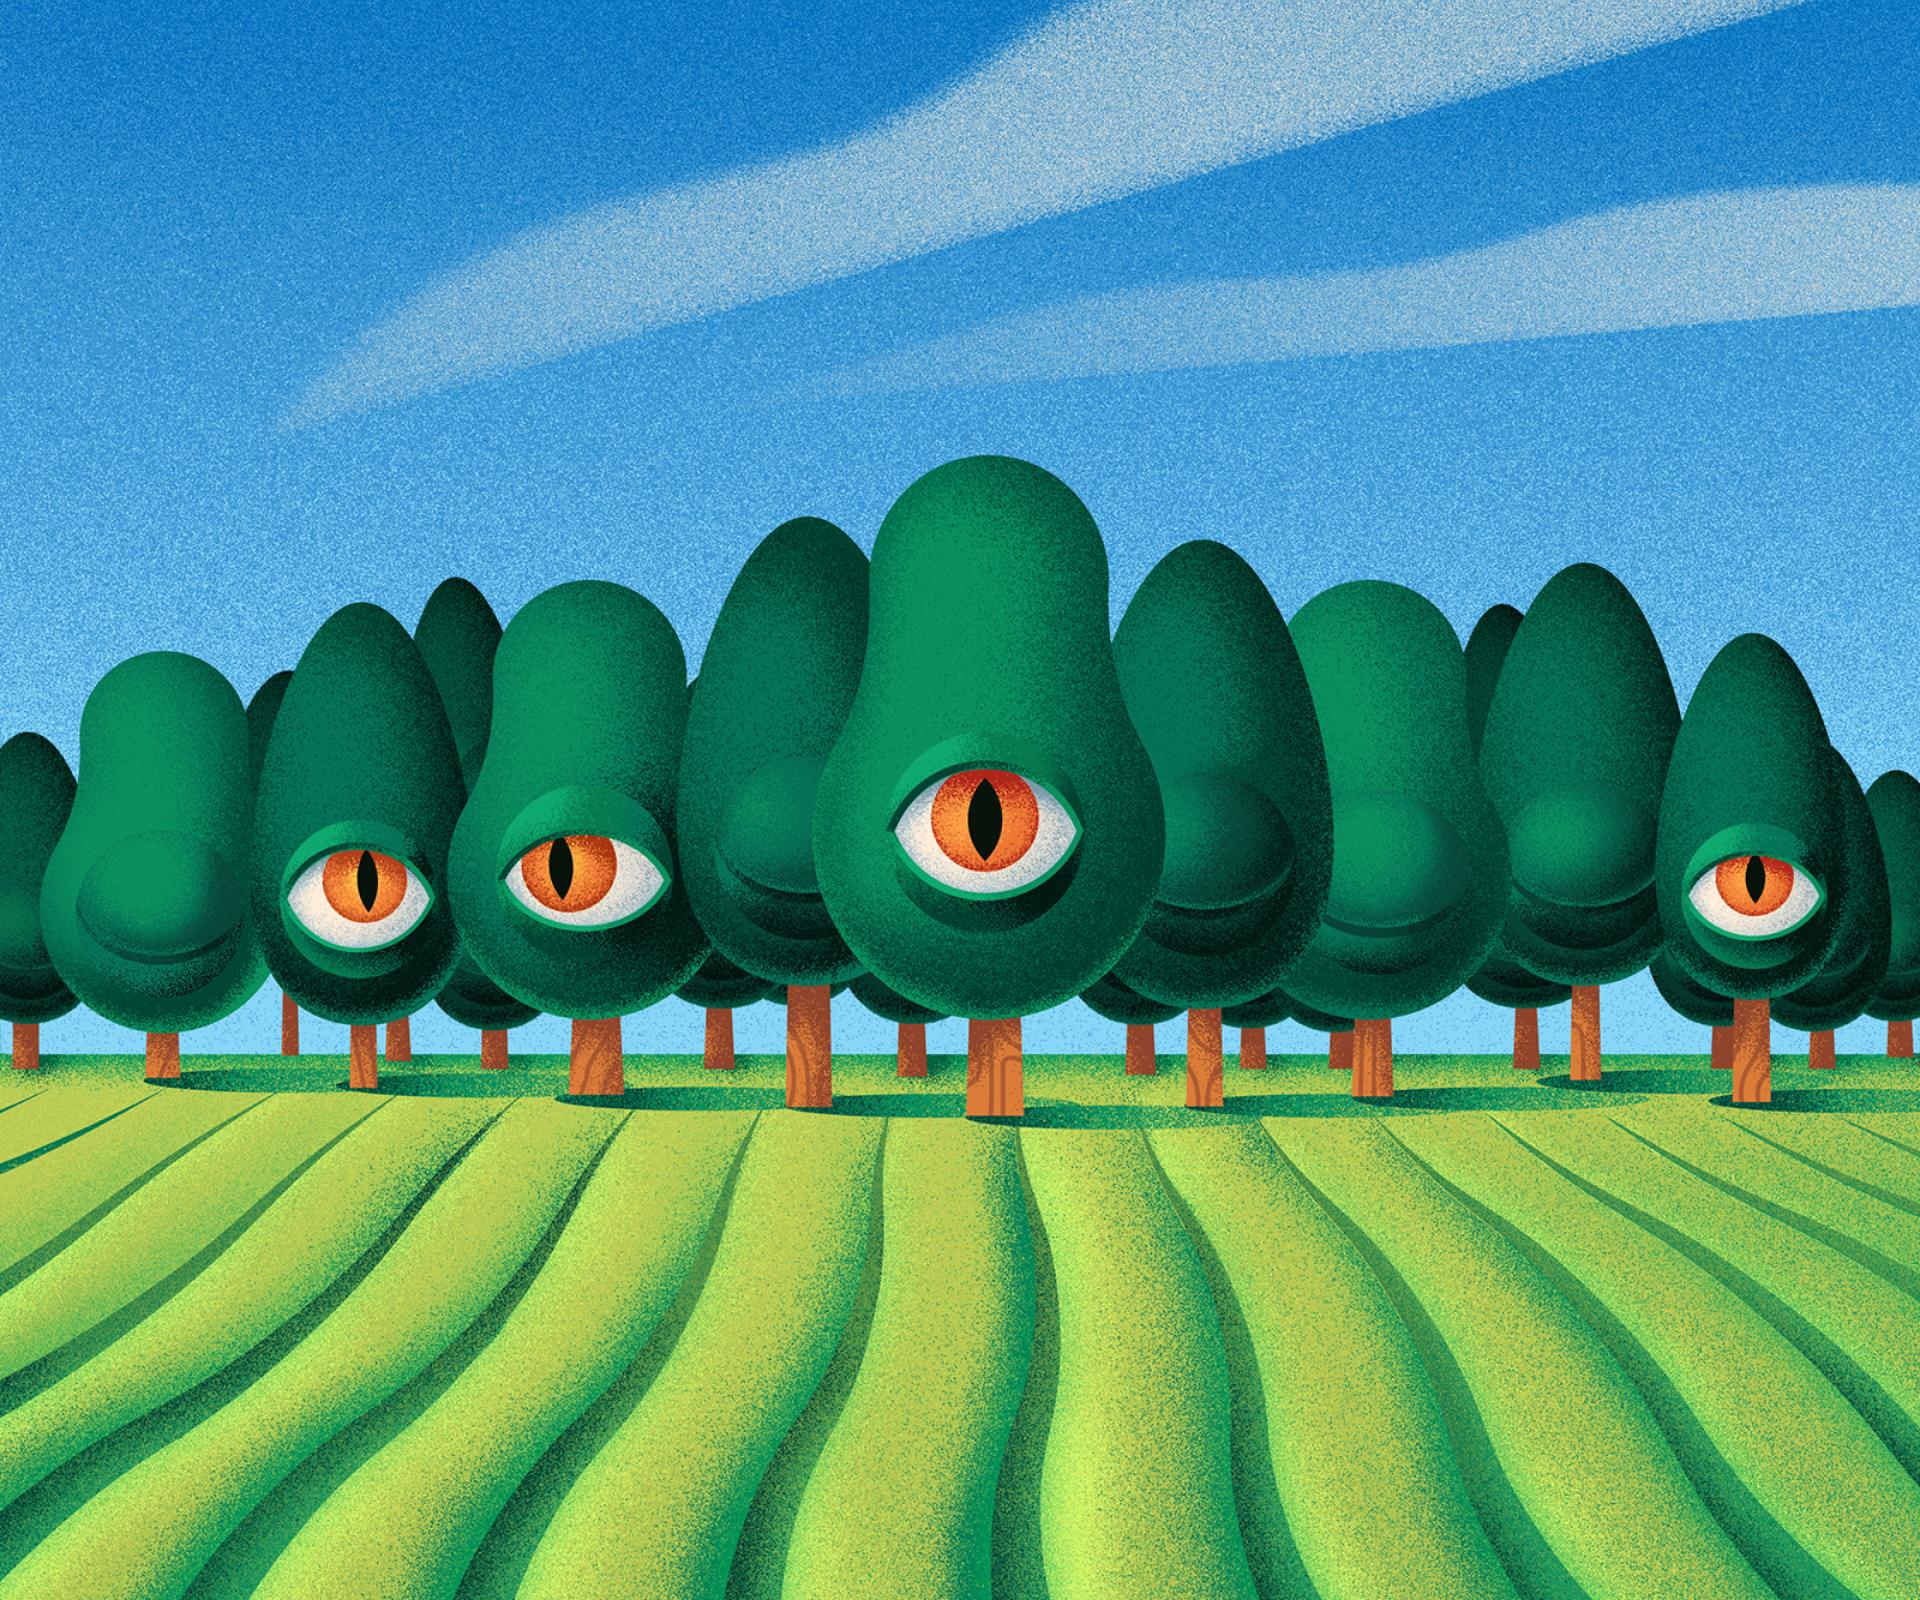 Fields of Eye